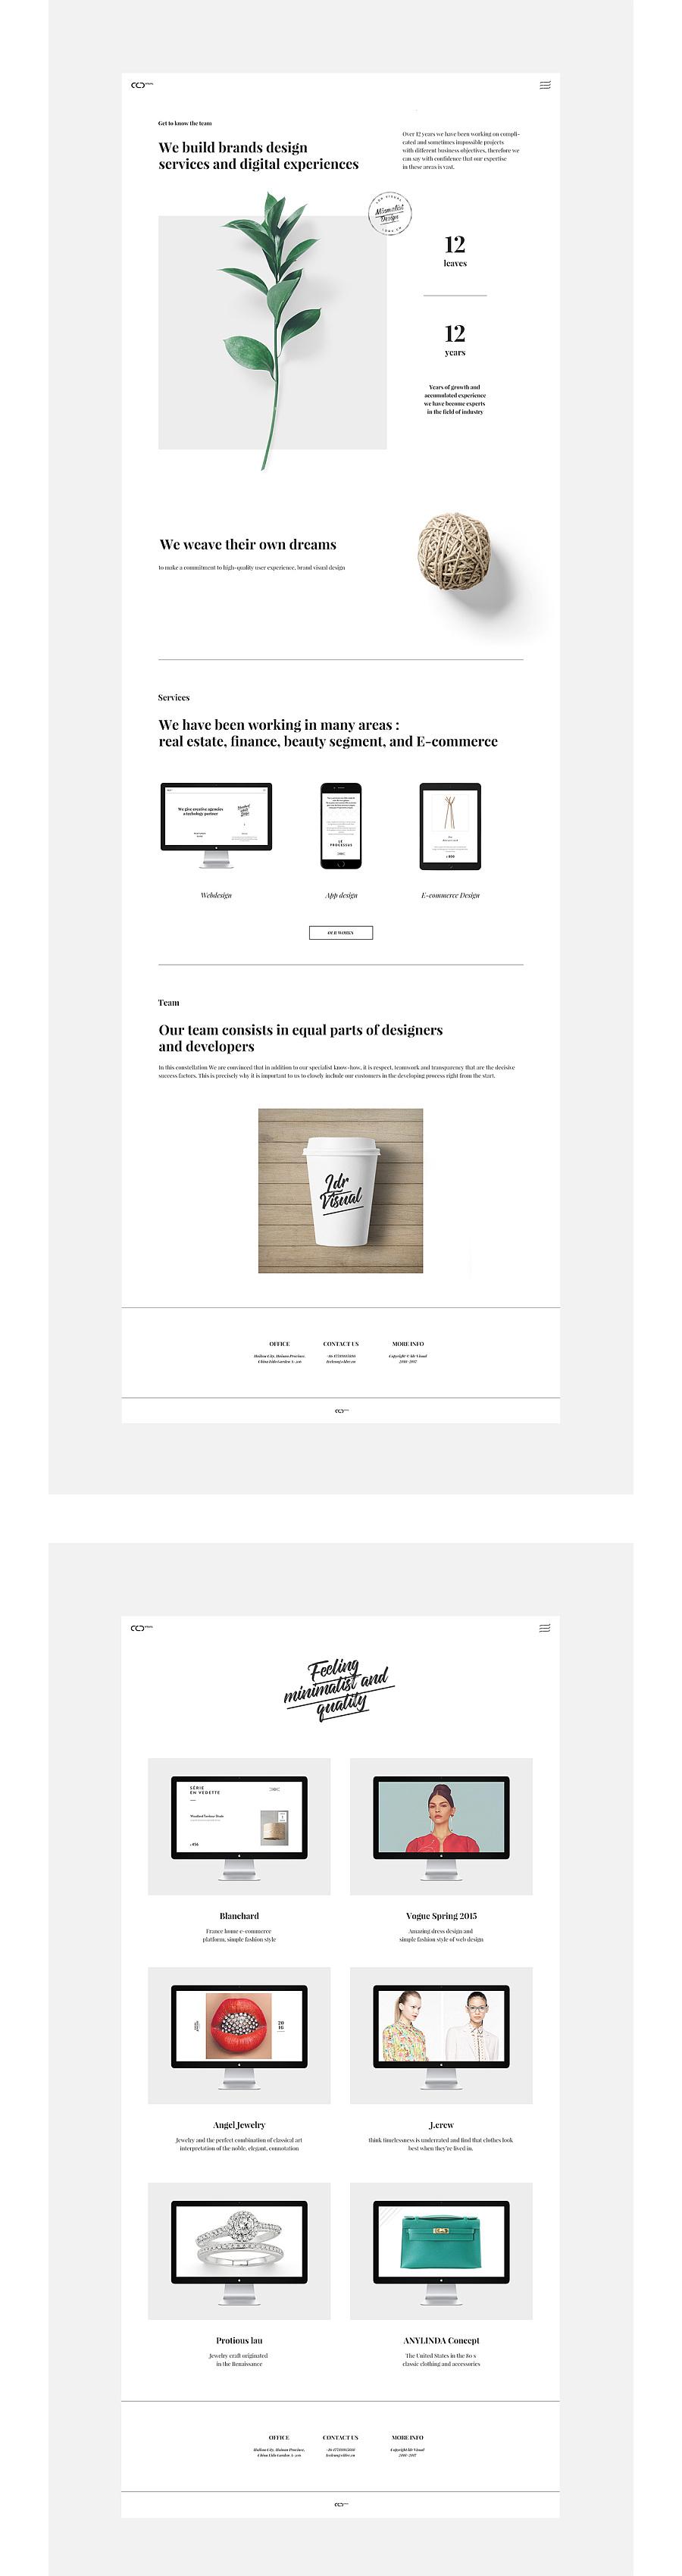 查看《个人品牌站-LDR visual》原图,原图尺寸:1400x5287